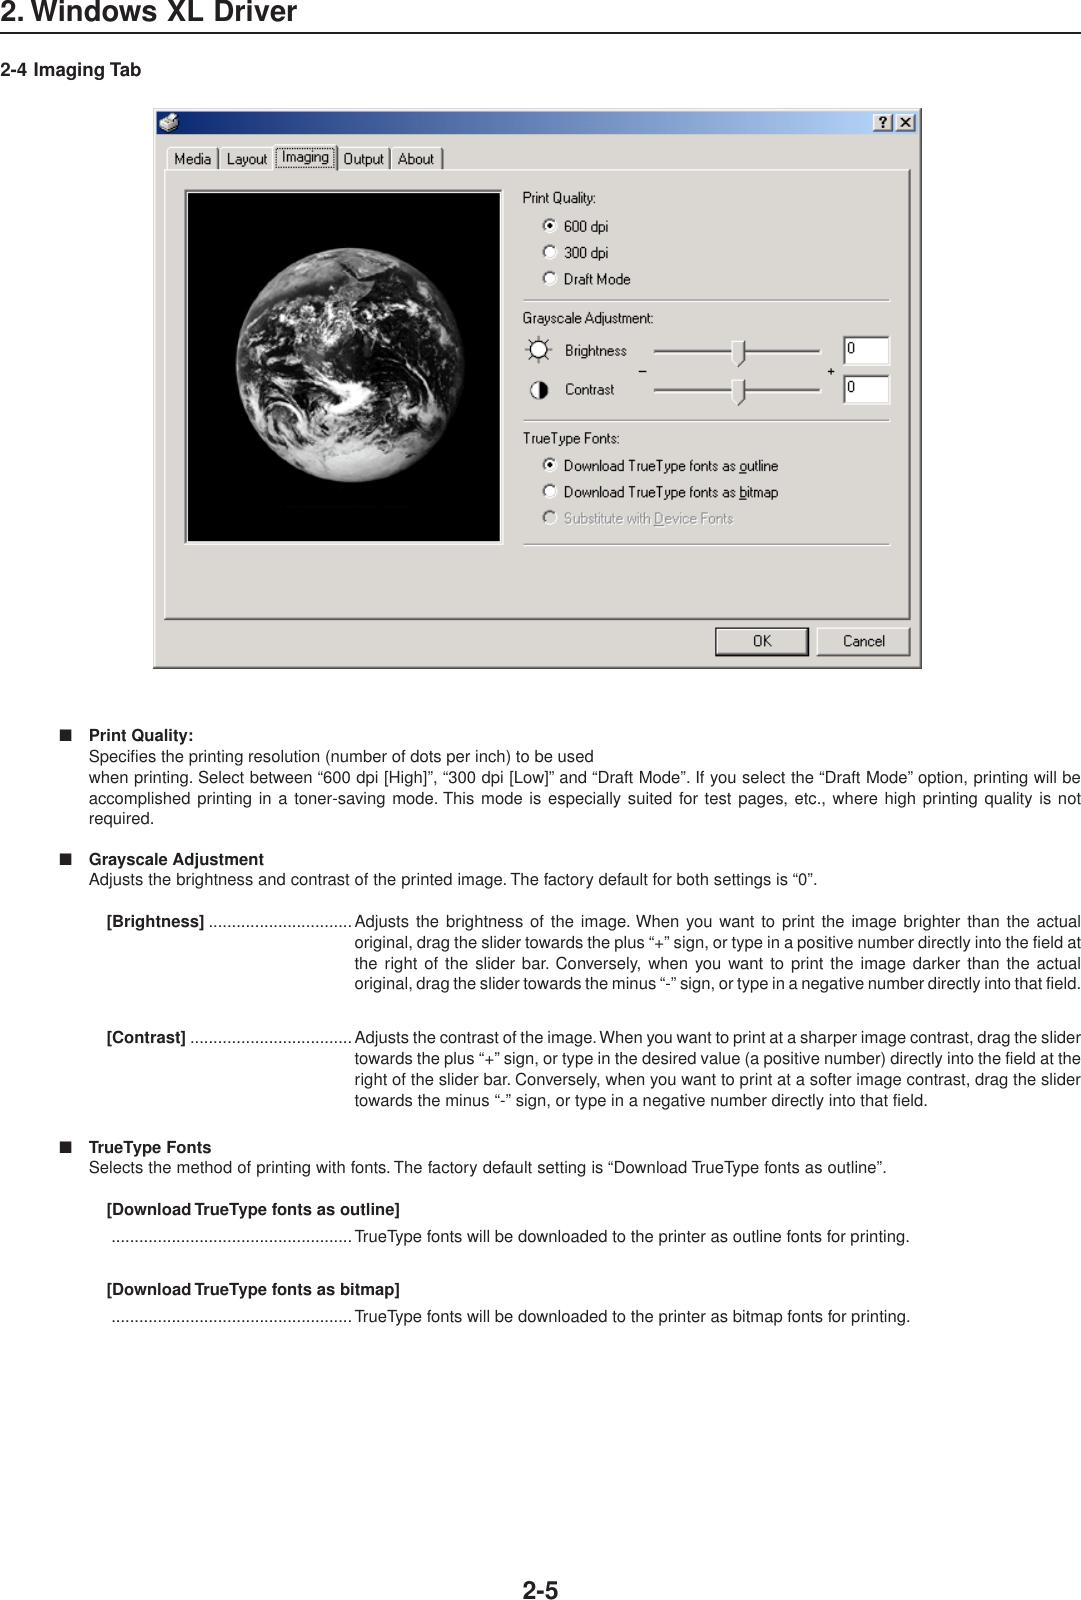 Ibm Oce Printing System Users Manual 431759 GEBRUIKSAANWIJZINGEN OP15